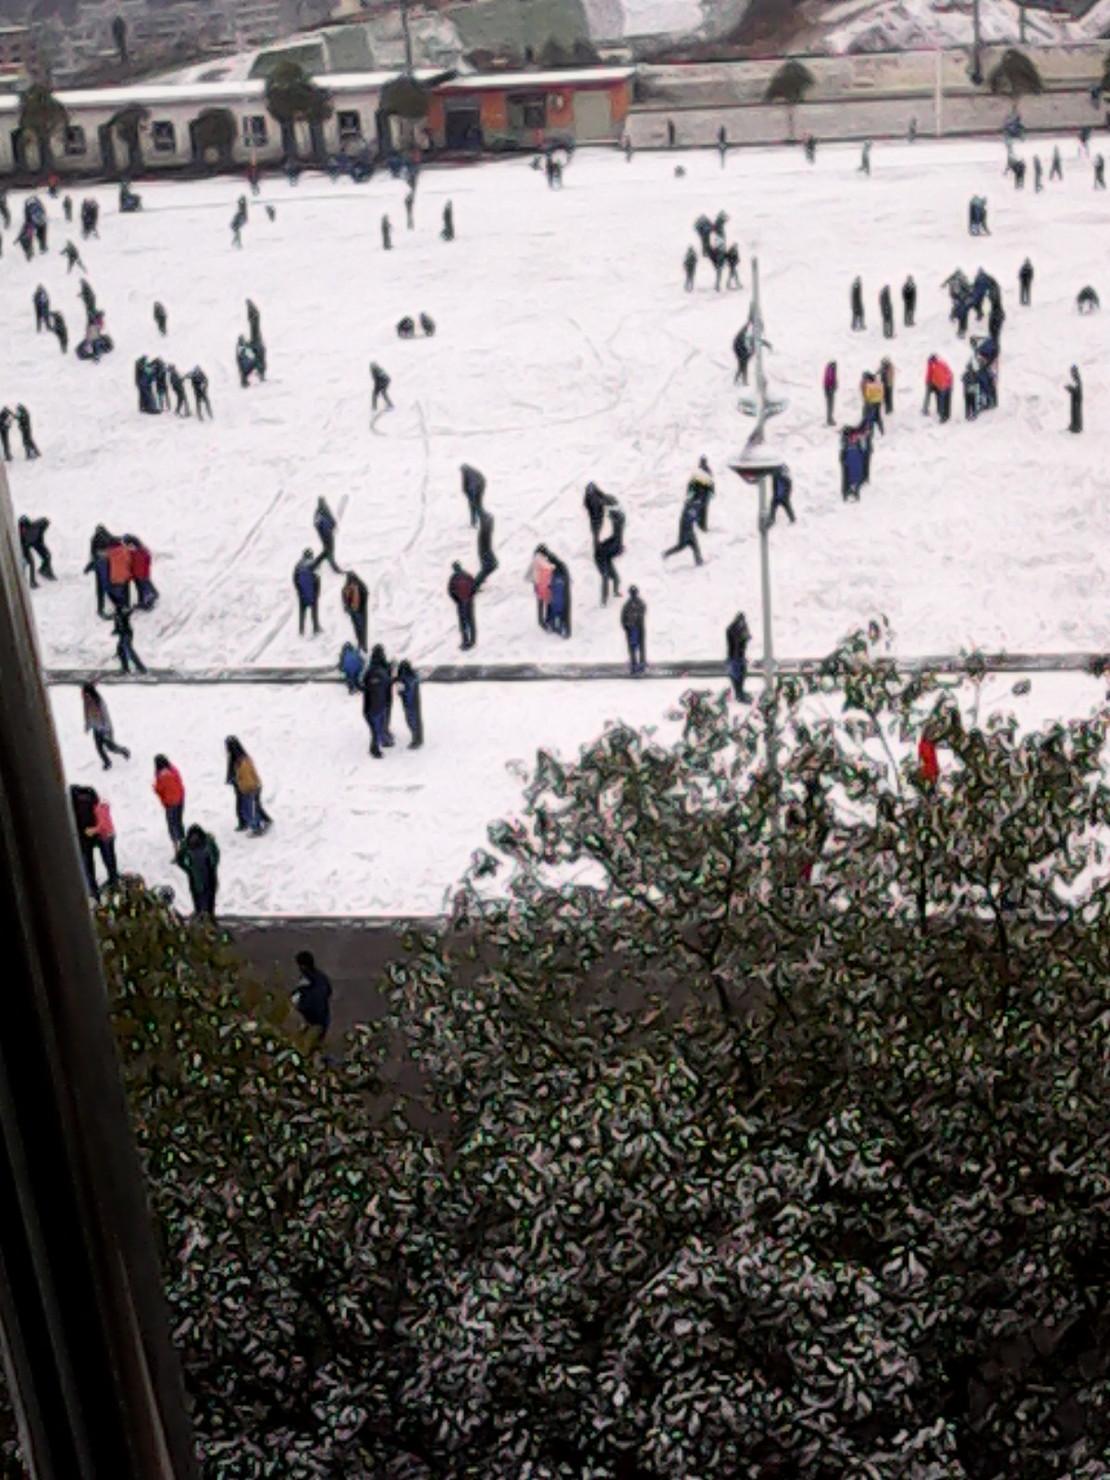 昨天下雪了,同学们都很激动。一同学说:  我想去操场玩狗拉雪橇,你们谁去拉我。  马上几个同学欢呼着:我去  我去。